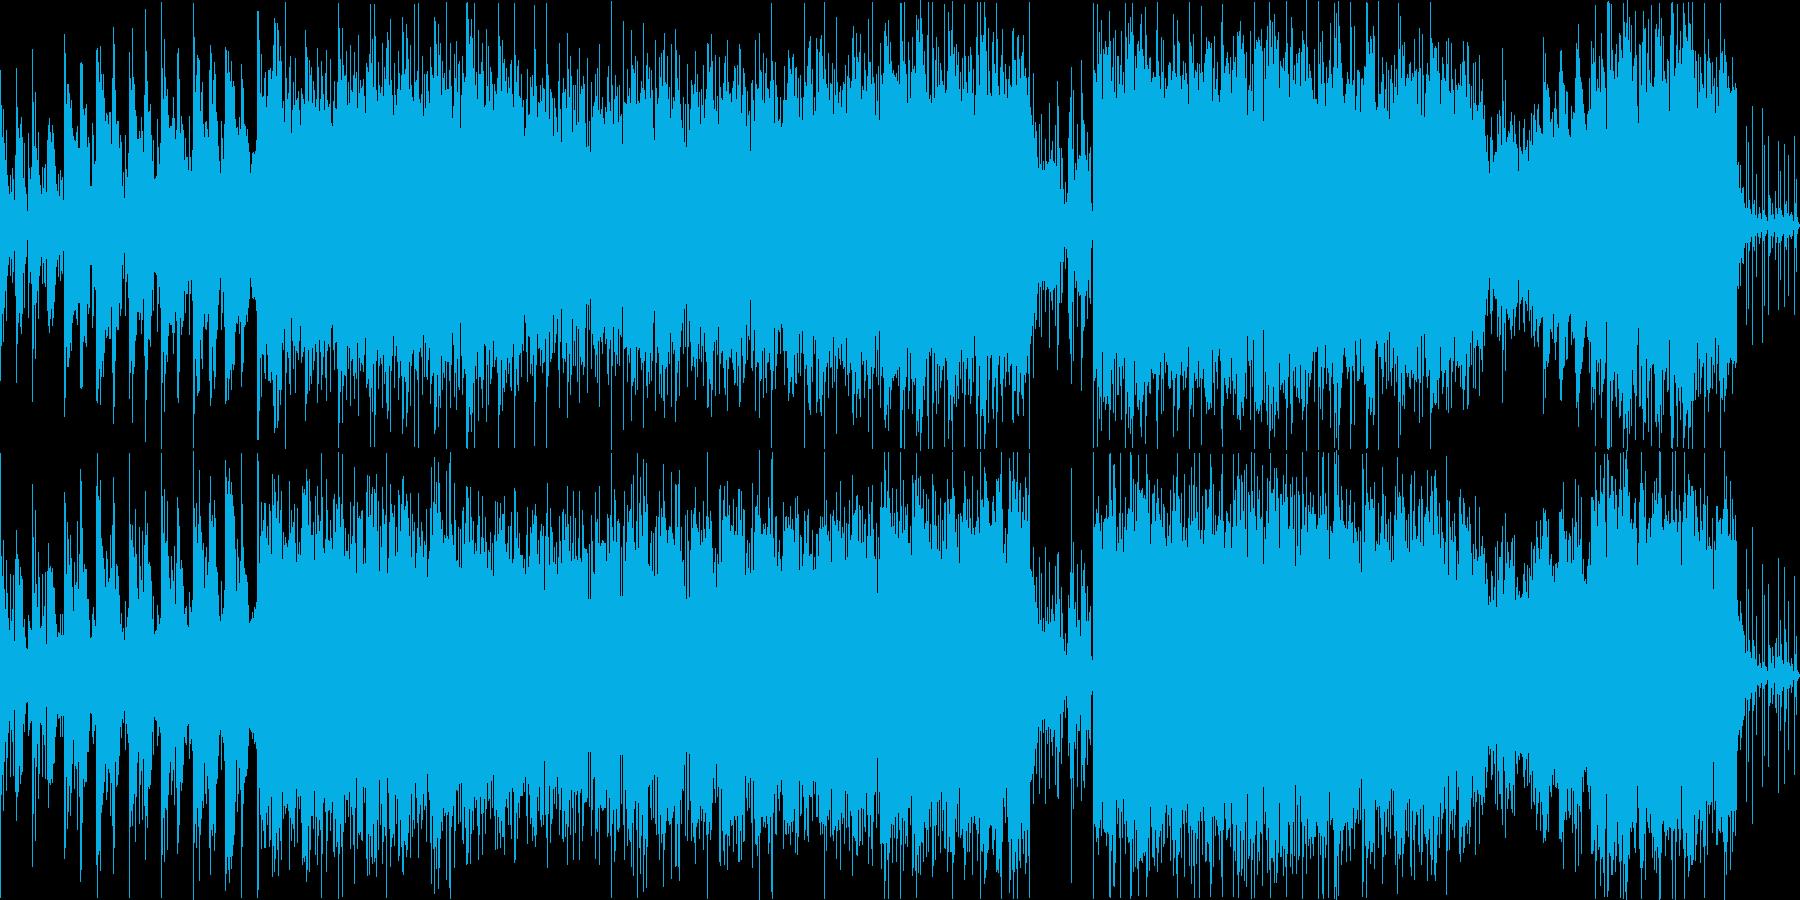 電子系企業VPゲーム映像工場ハイテクの再生済みの波形